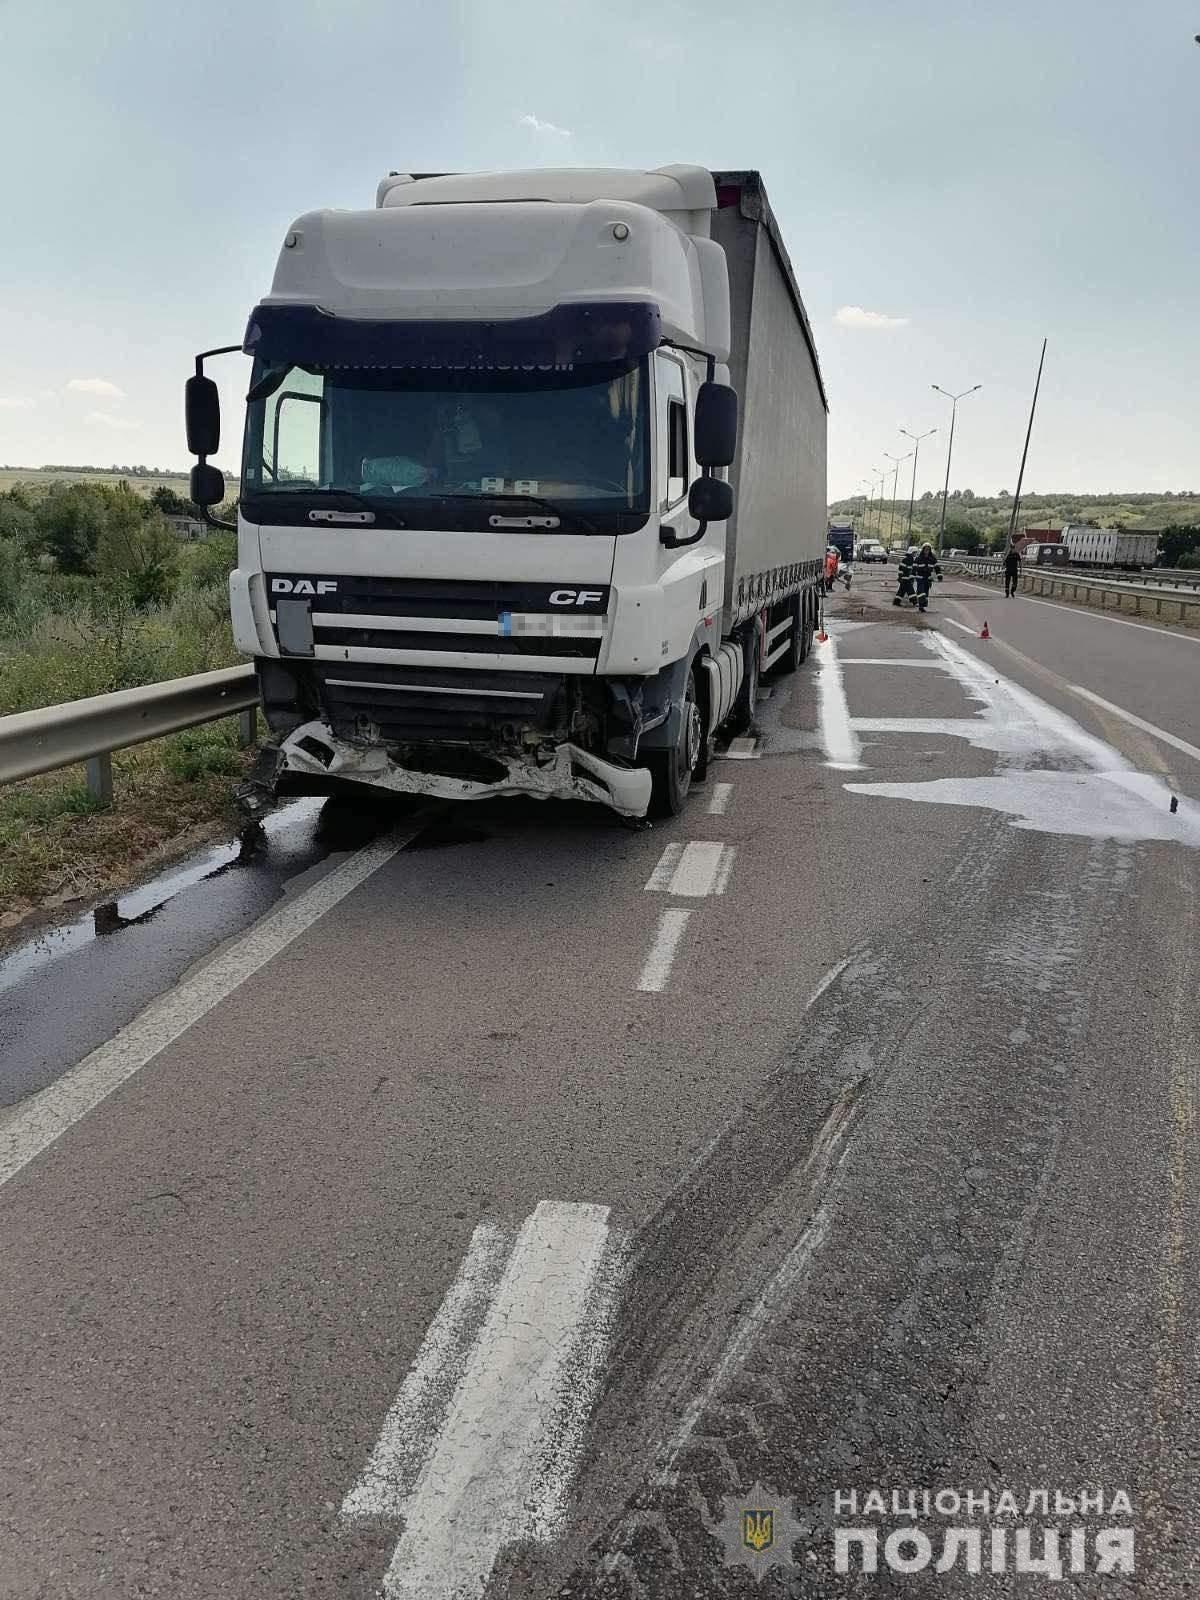 Водій вантажівки наїхав на двох пішоходів: іони загинули